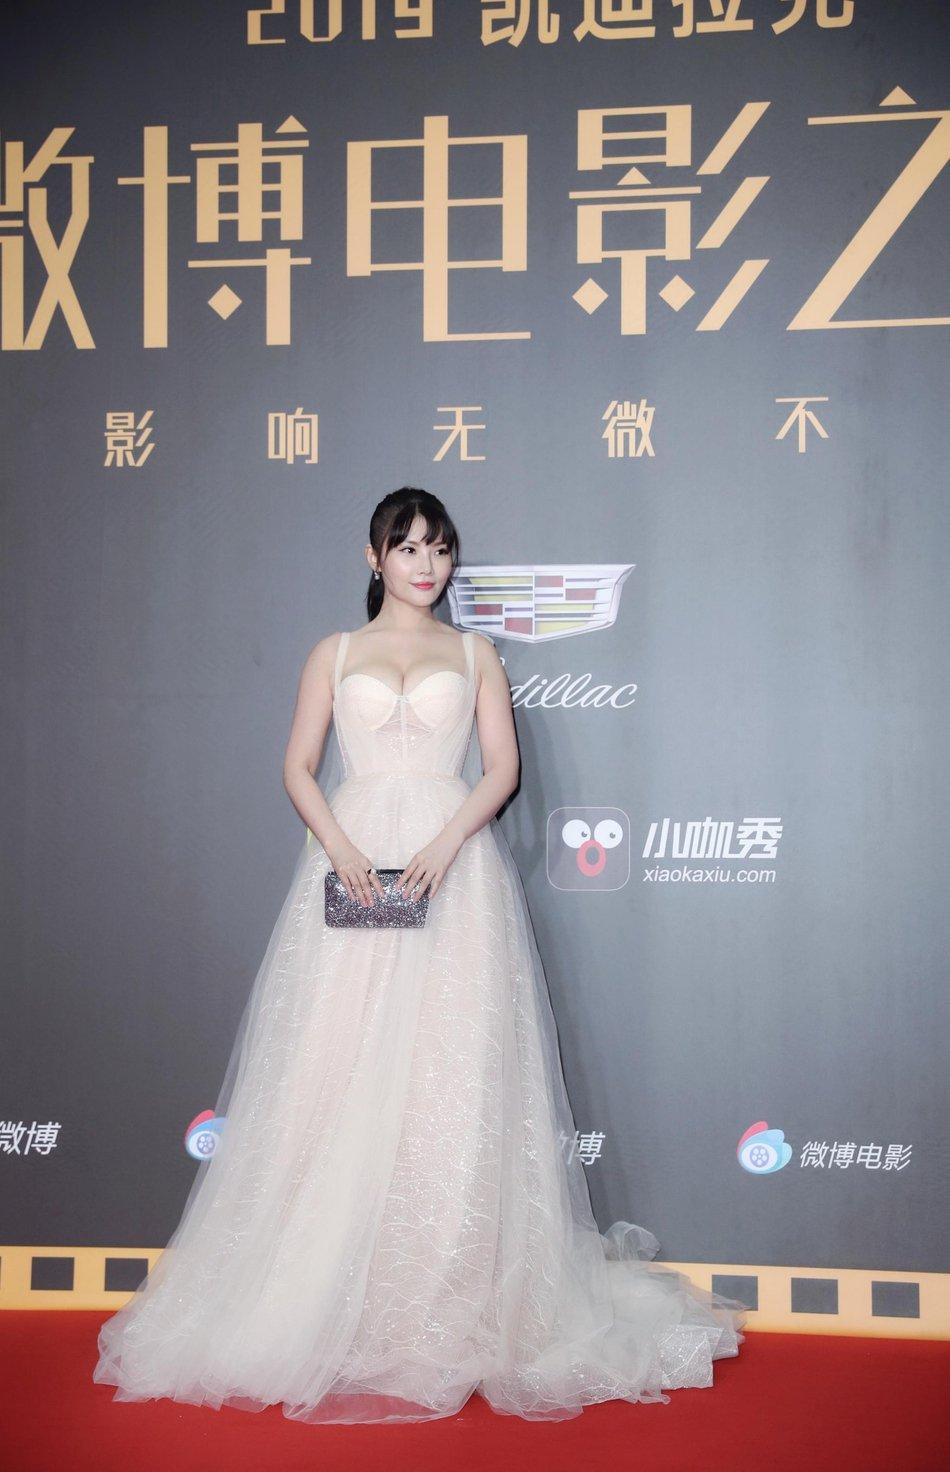 大嫂徐冬冬亮相微博电影之夜 吊带抹胸纱裙尽显好身材